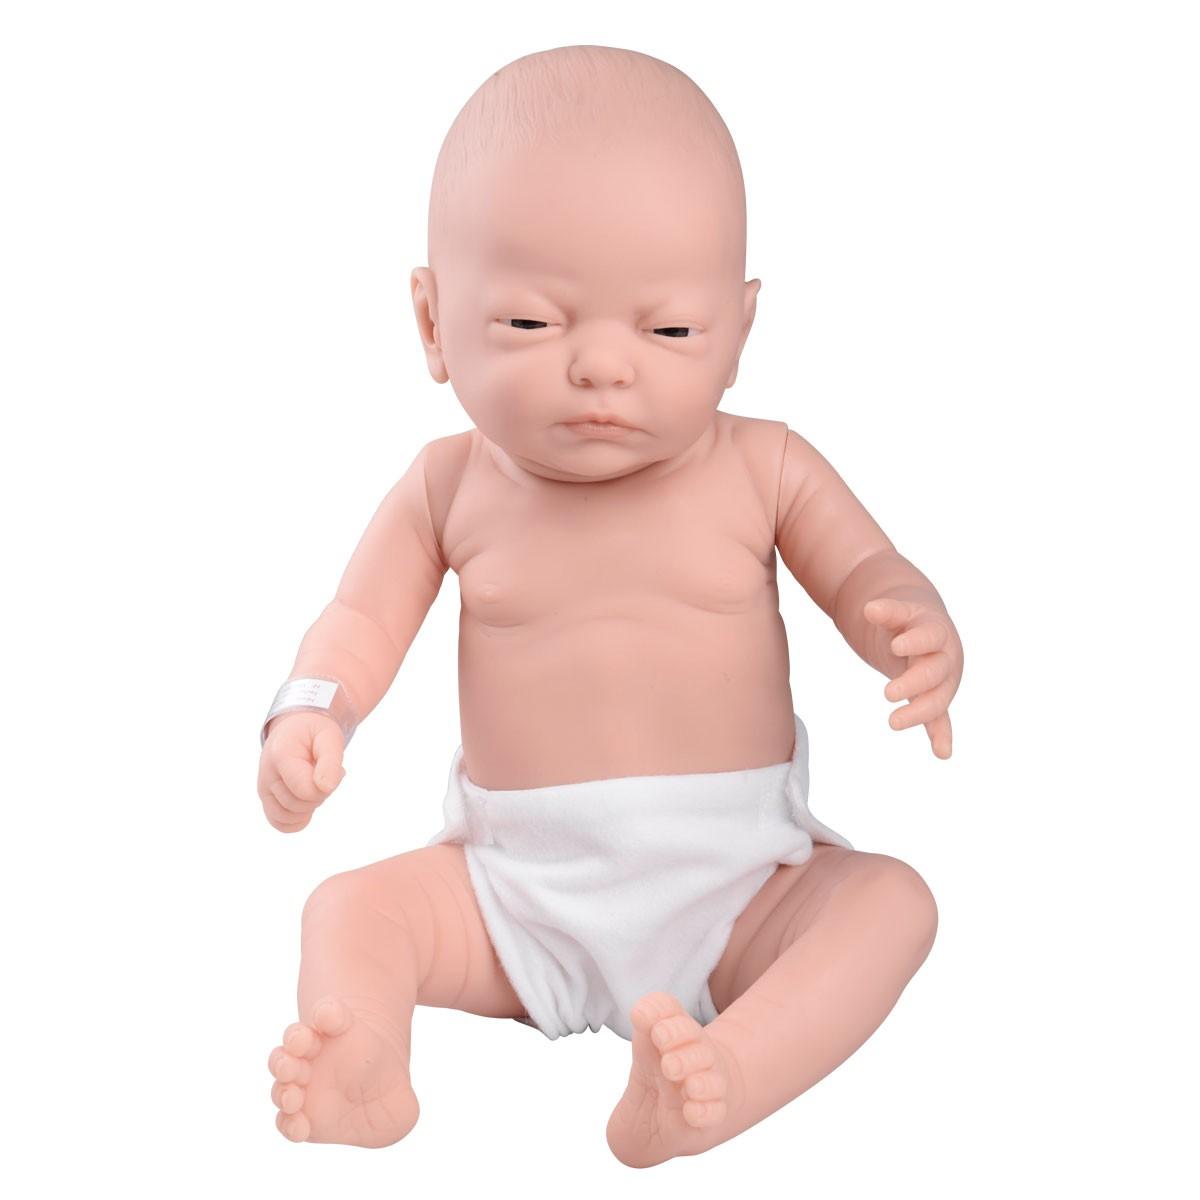 Pflegebaby männlich